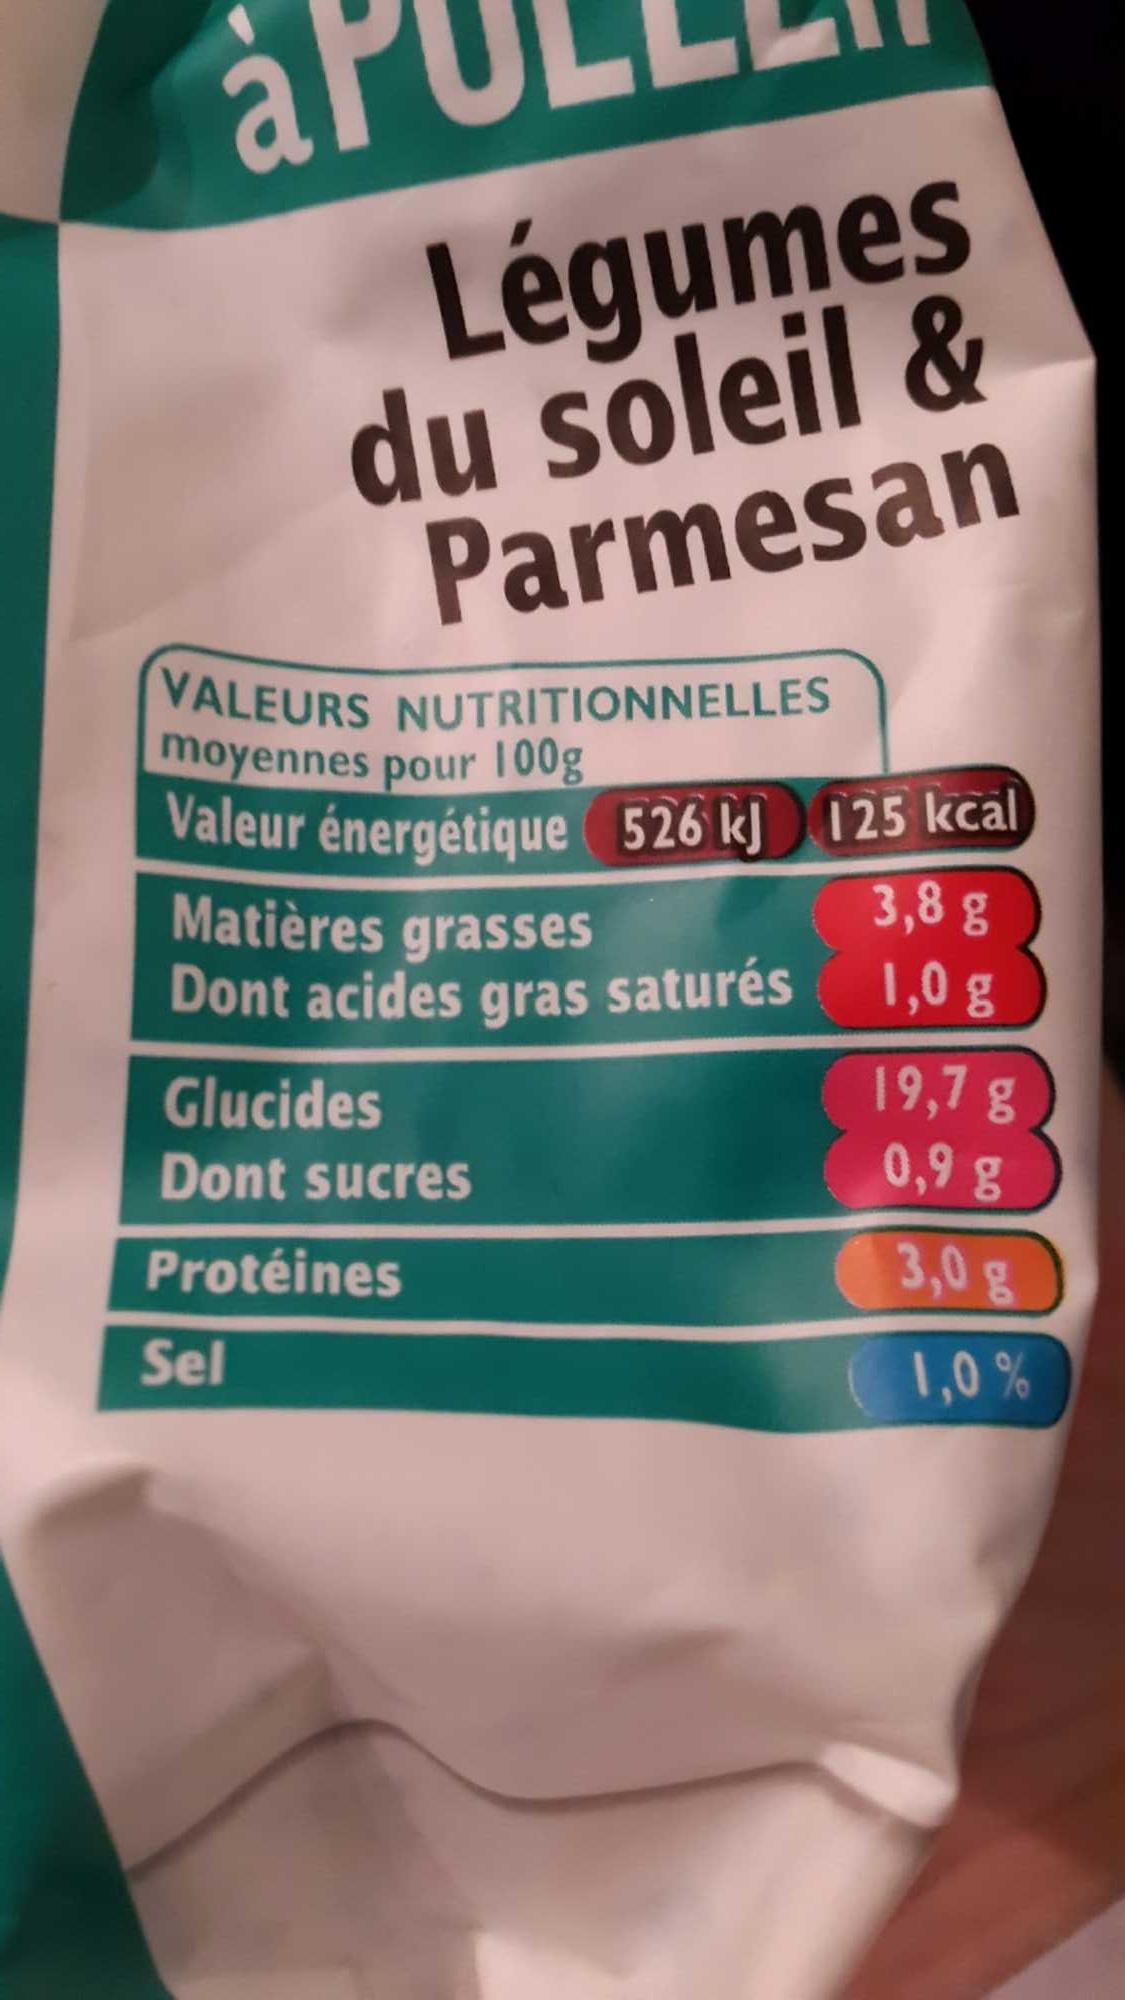 Riz à pôeler légumes soleil parmesan SAINT JEAN, 300G - Product